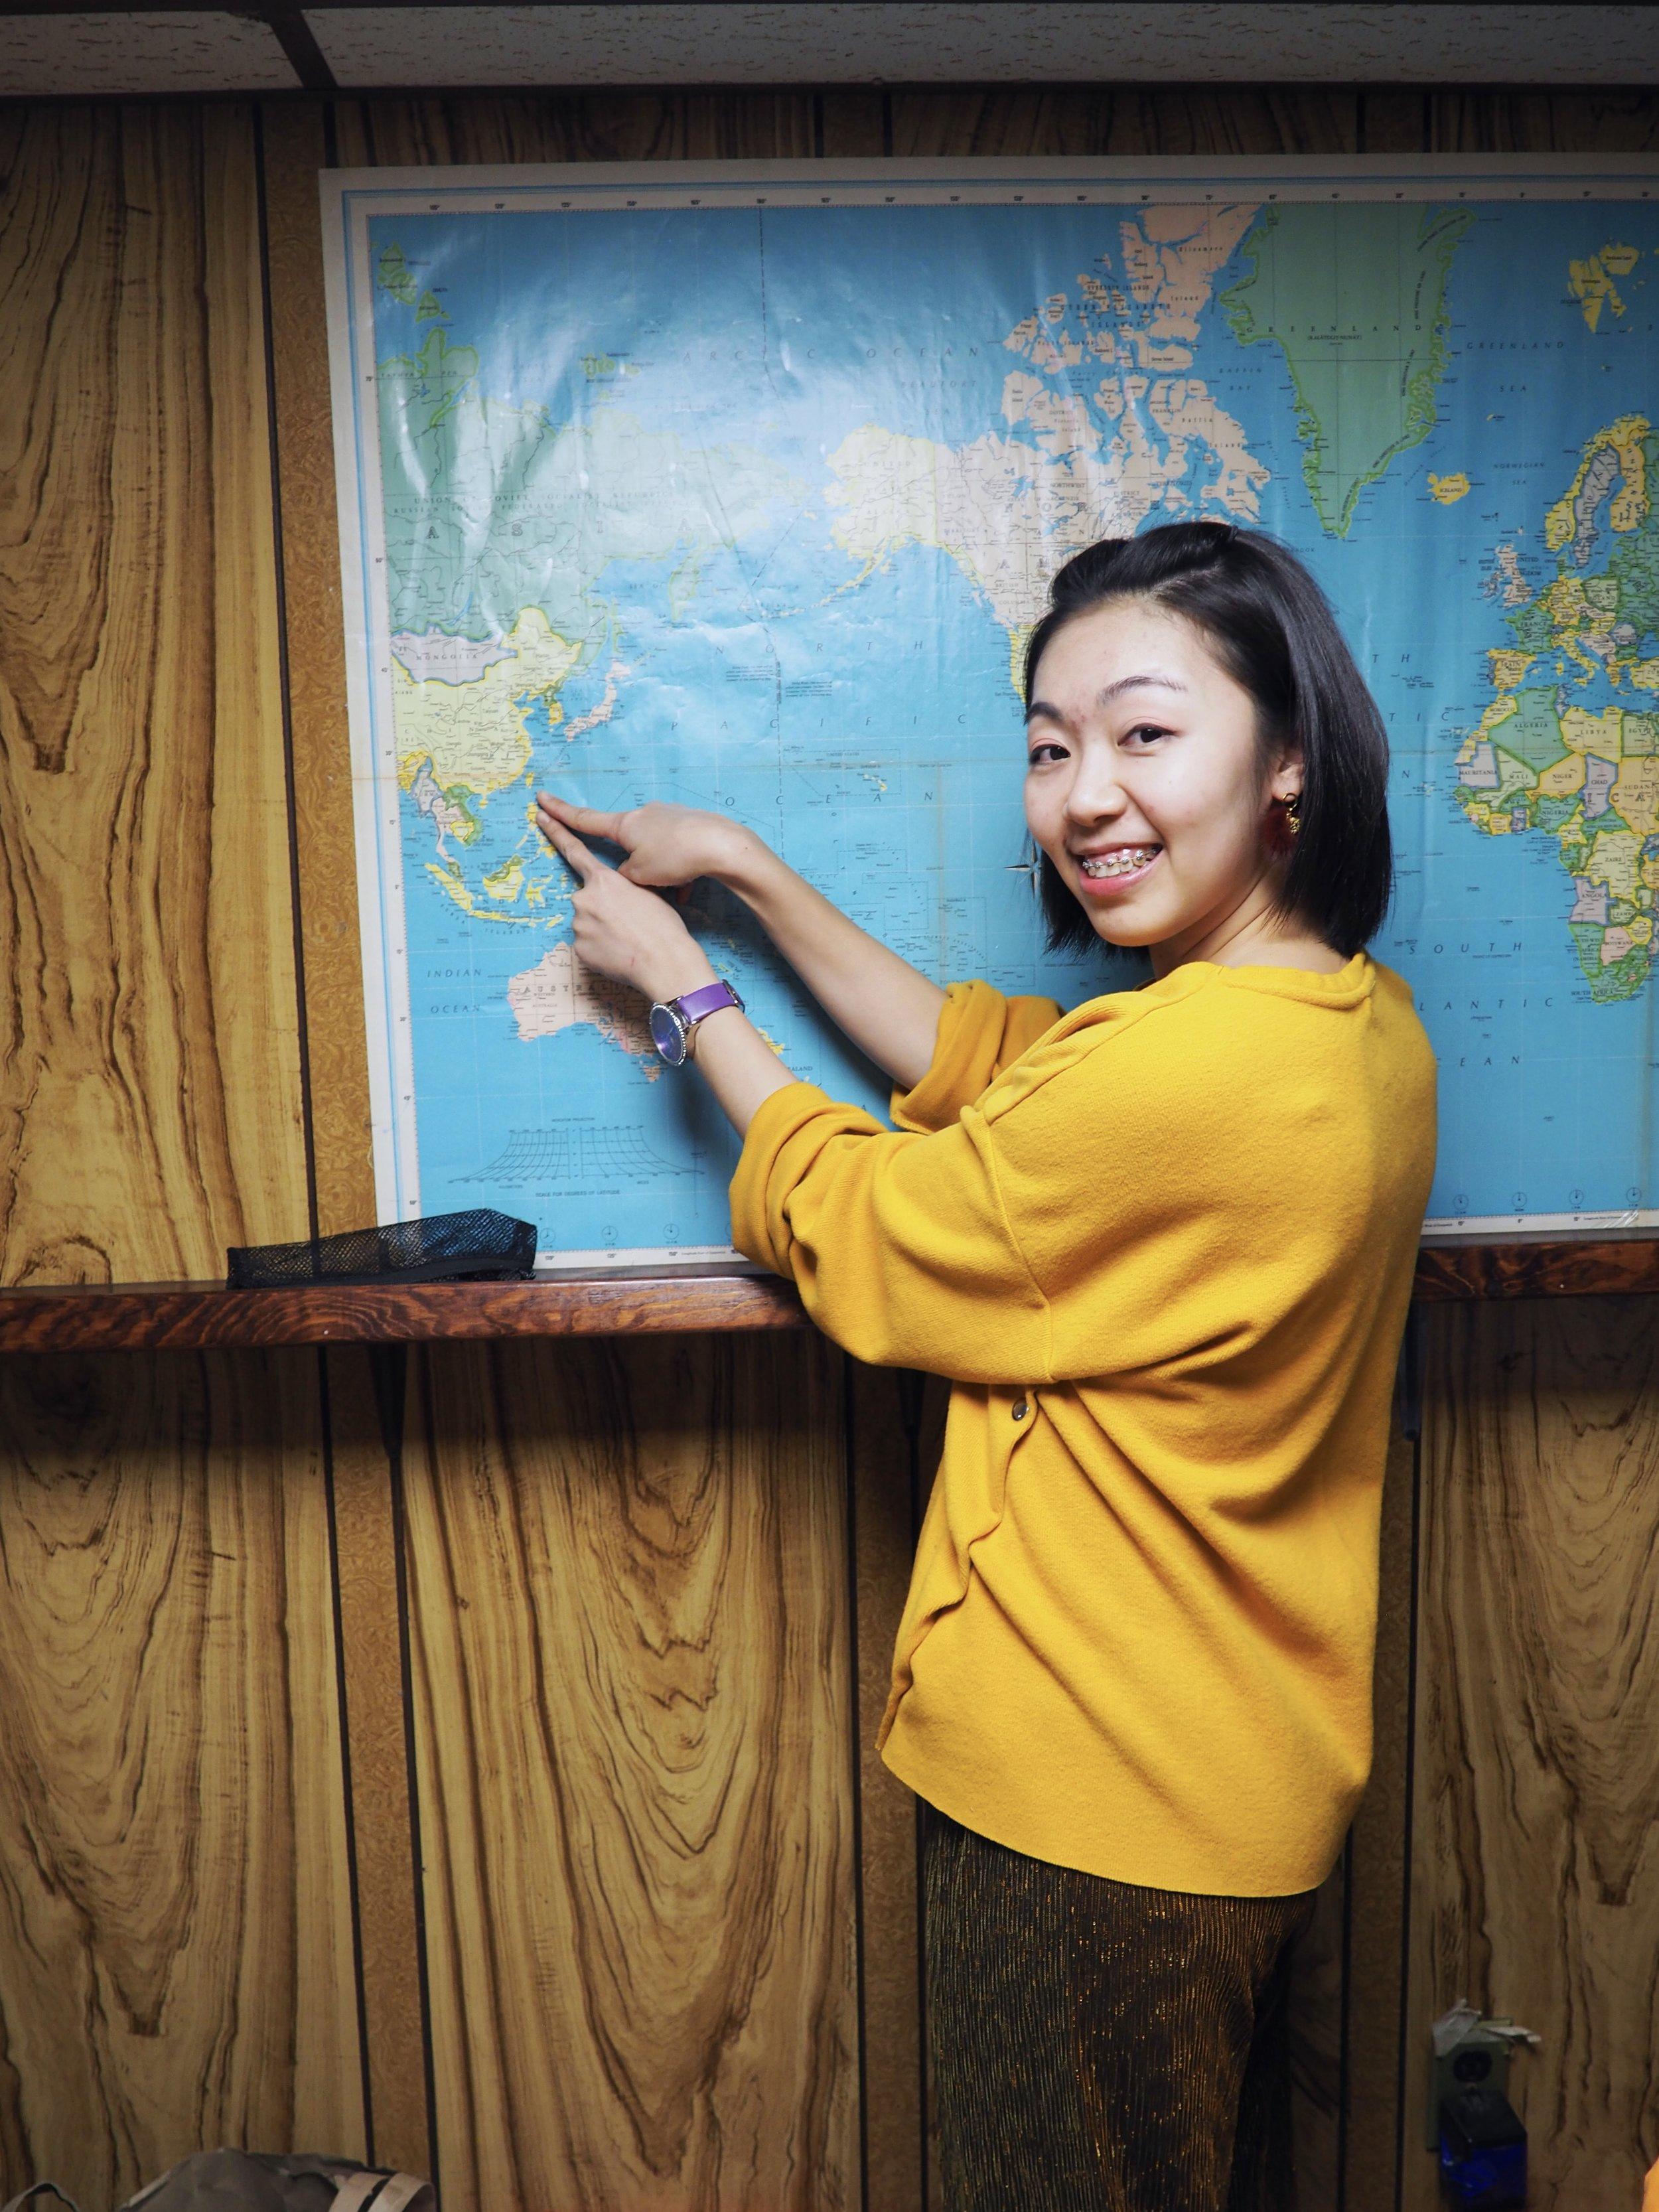 Julia: Taiwan